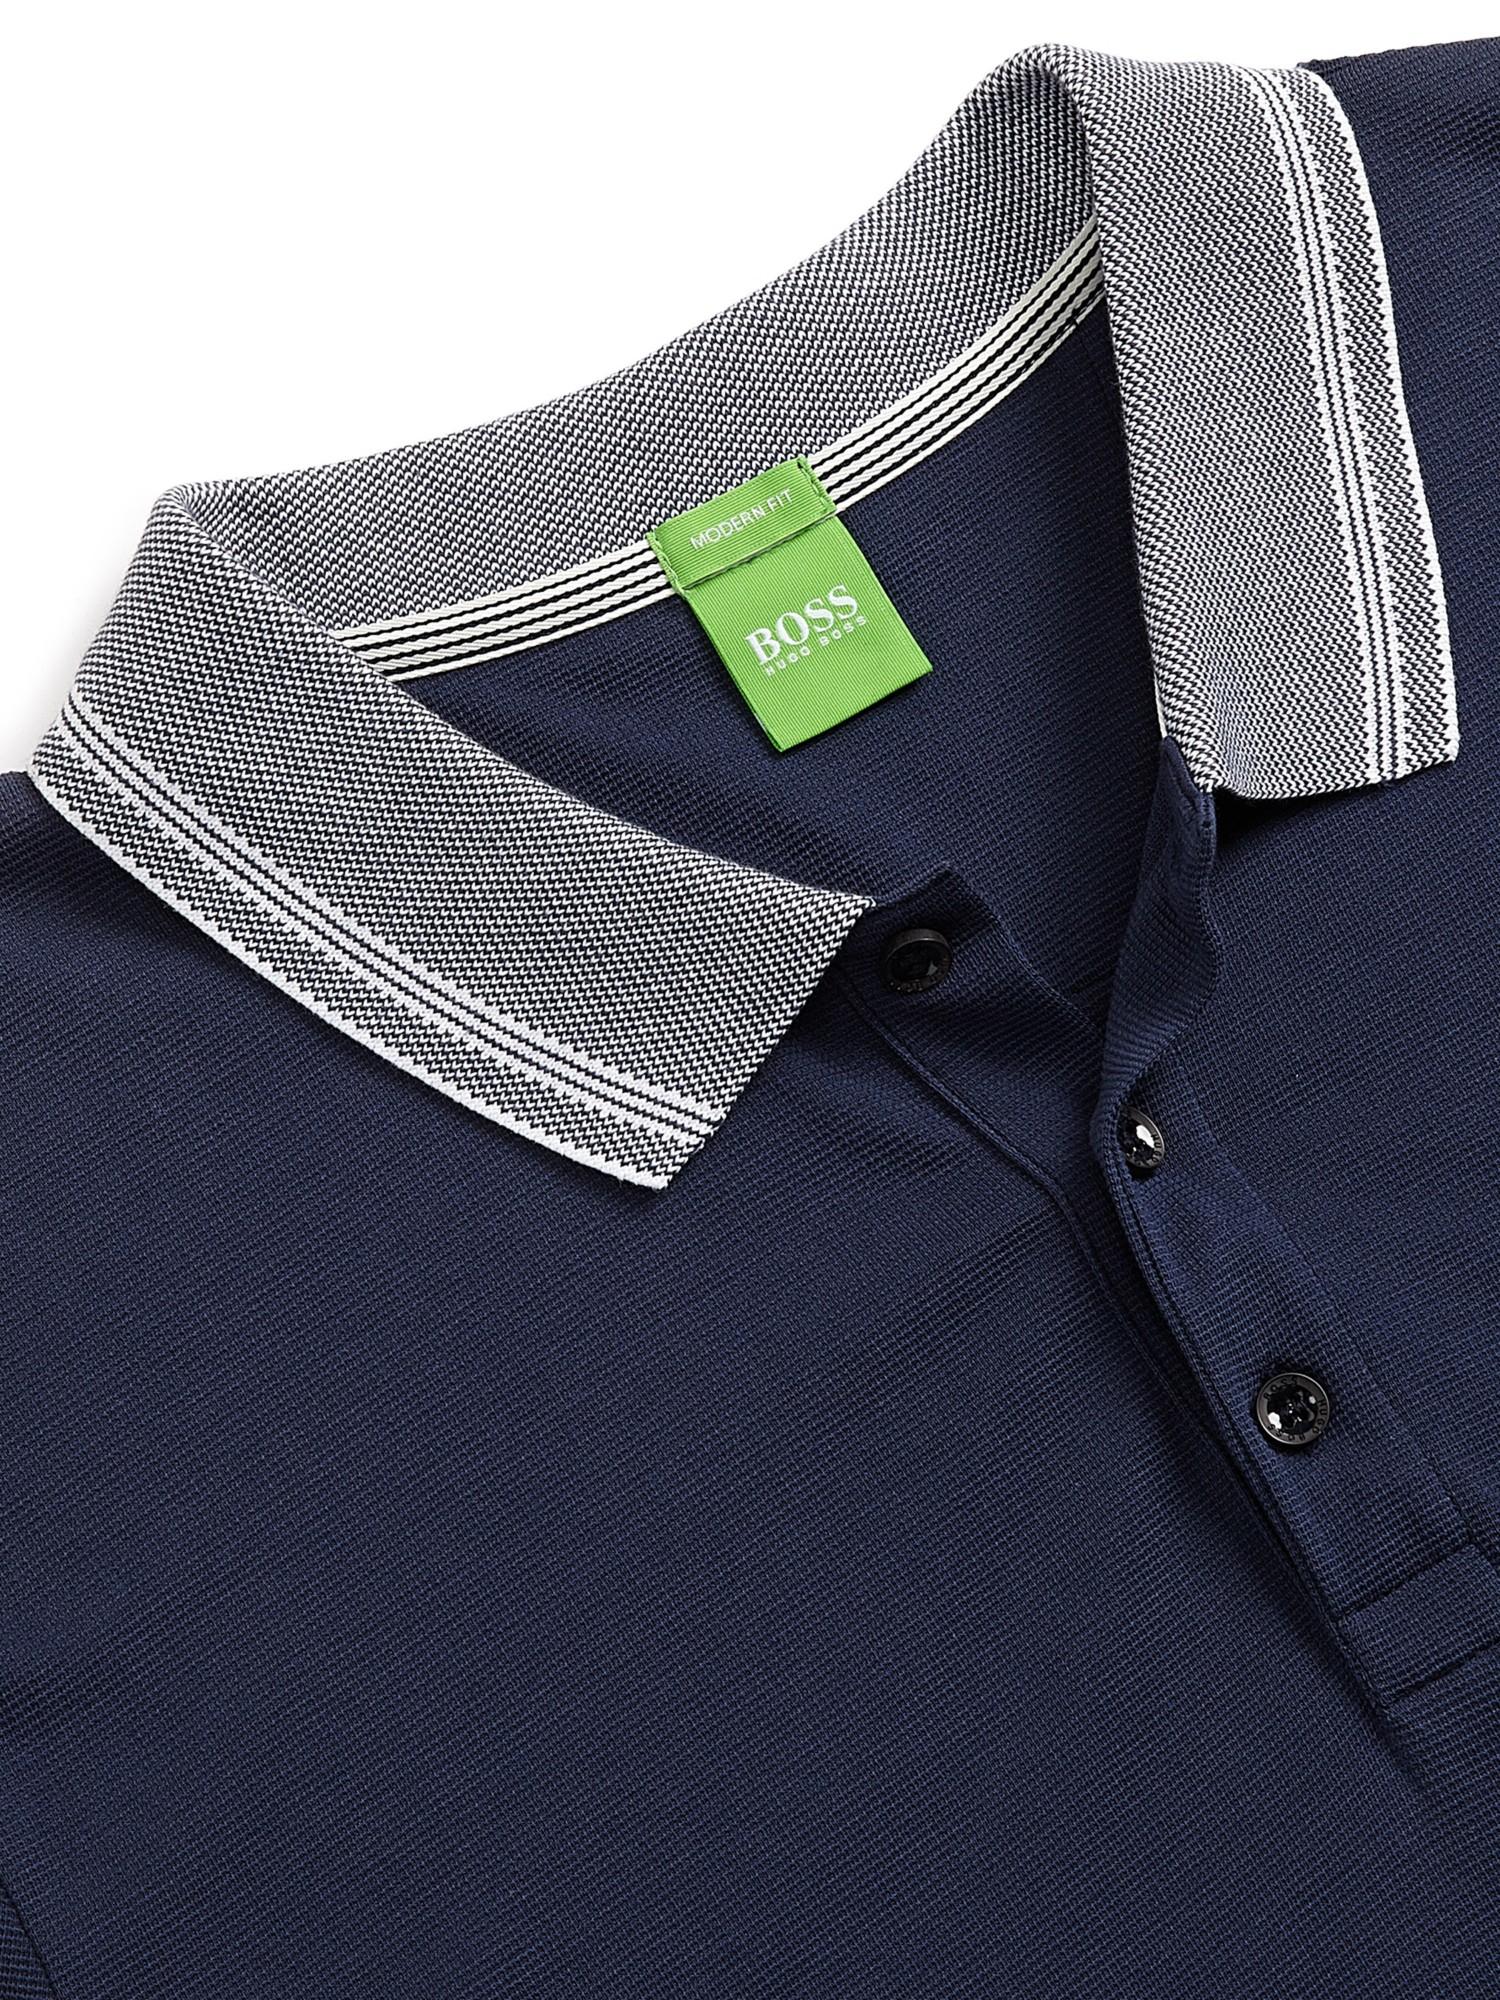 Hugo boss navy firenze polo shirt for Hugo boss navy shirt